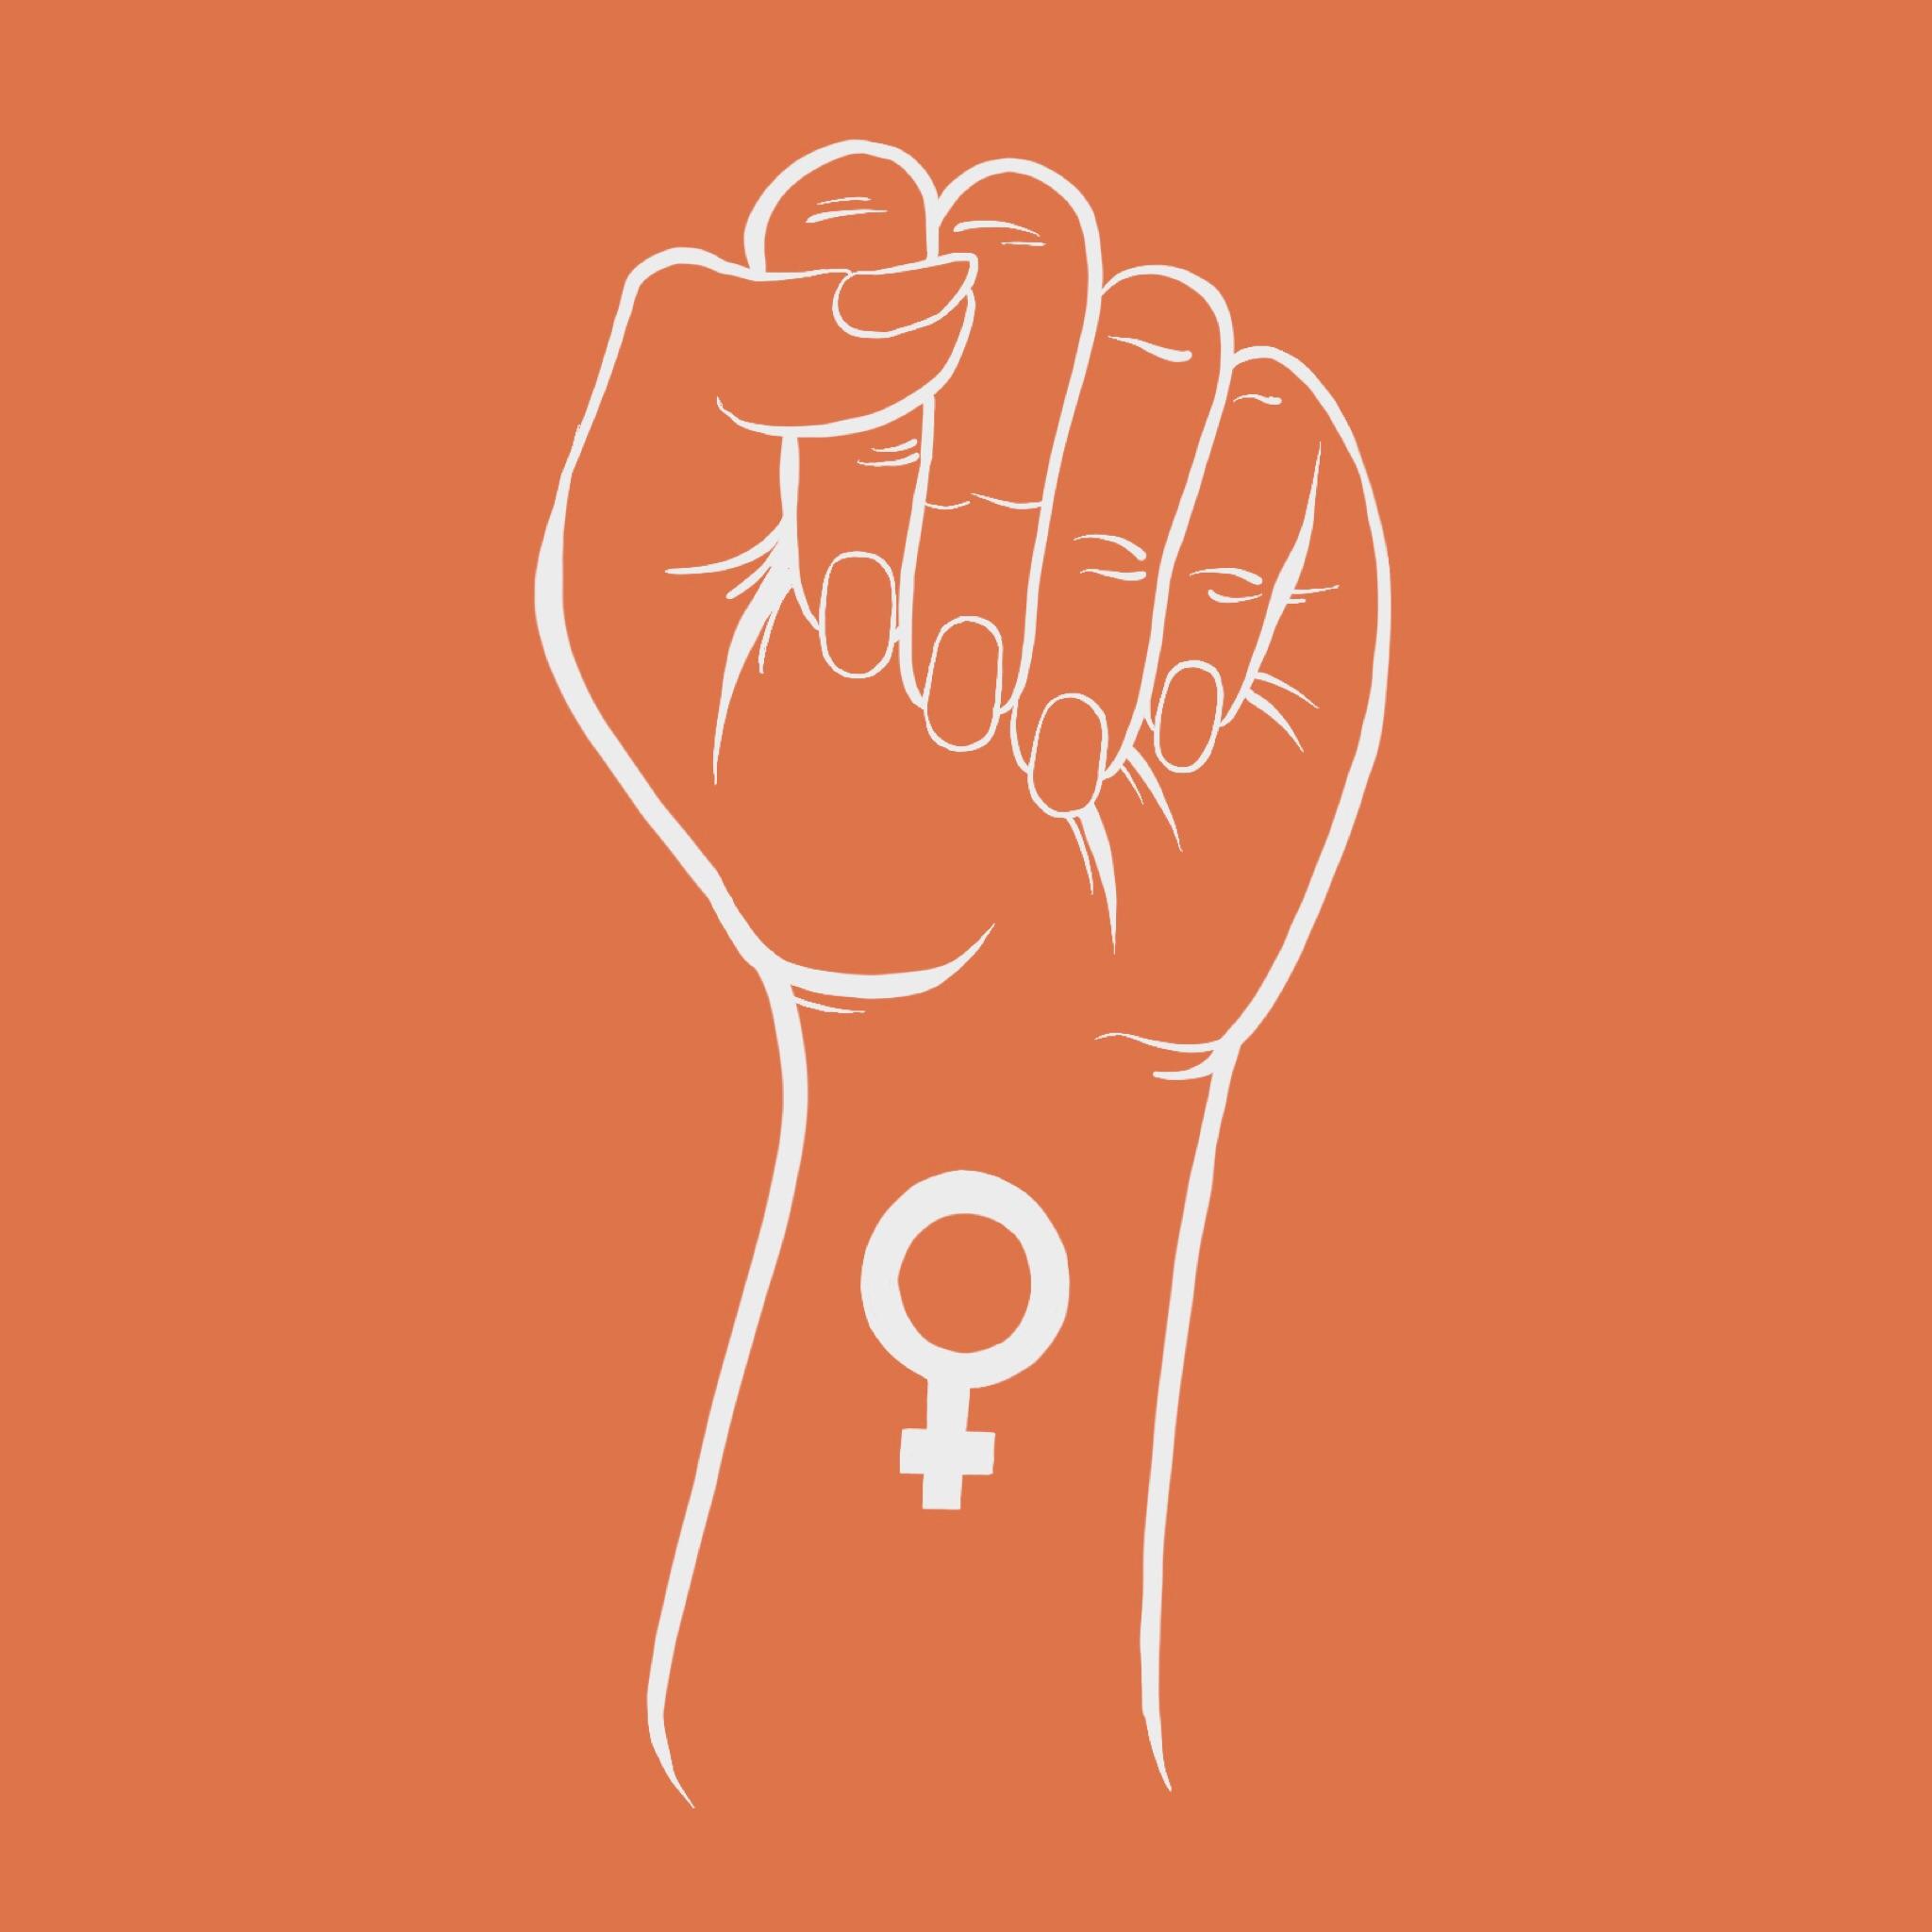 raised feminist fist